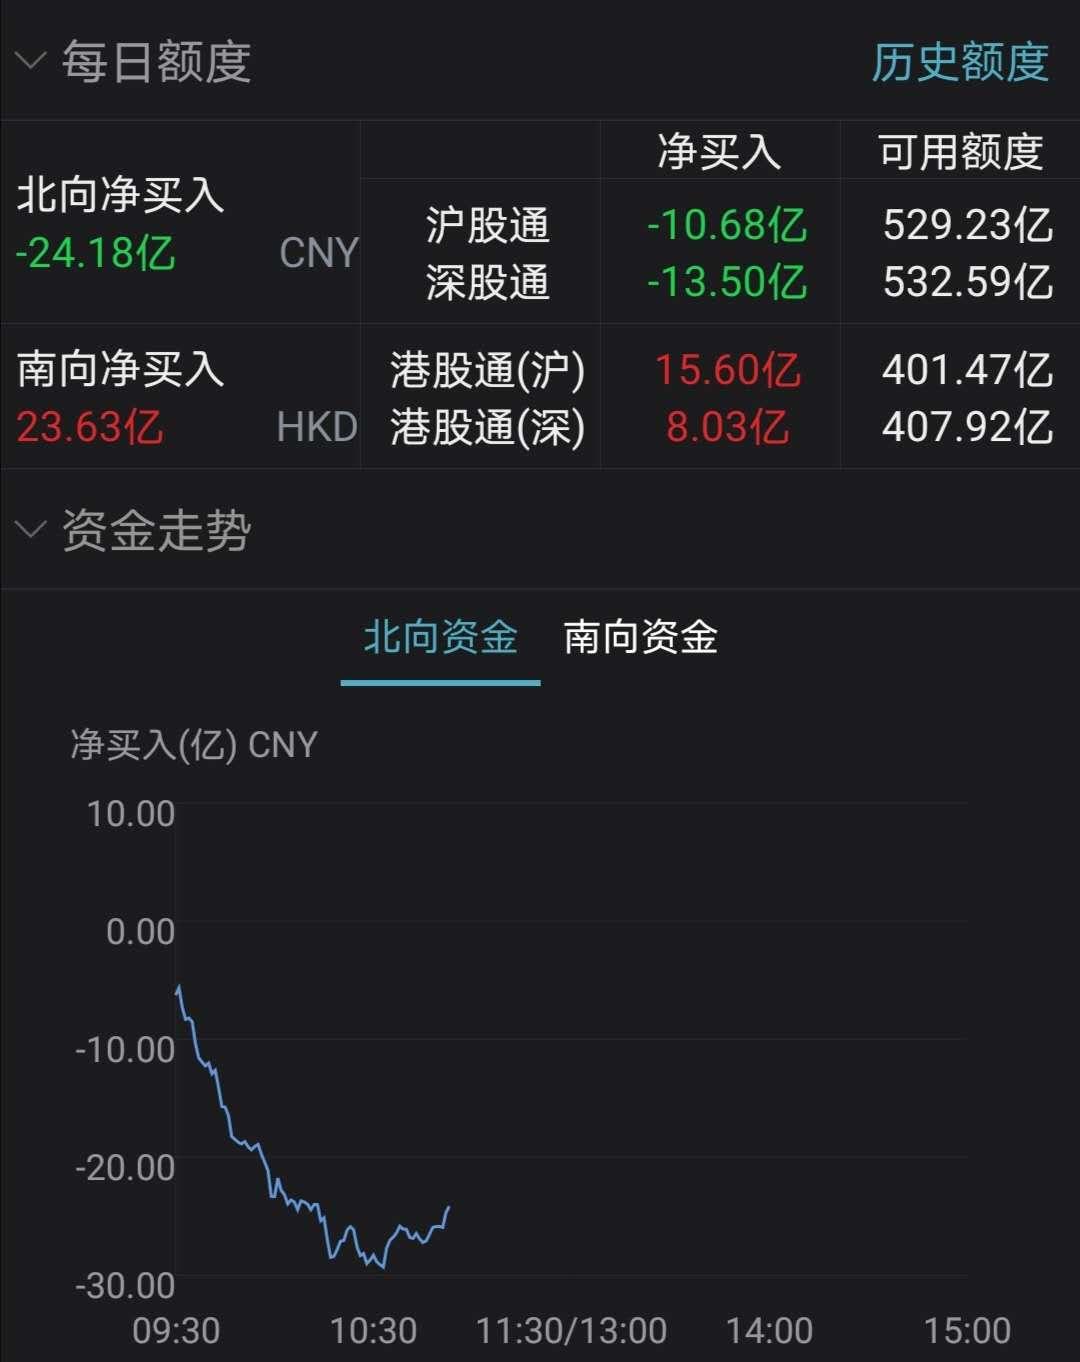 实控人被抓华民股份两天跌30% 拒不回复问询函豫金刚石也崩了